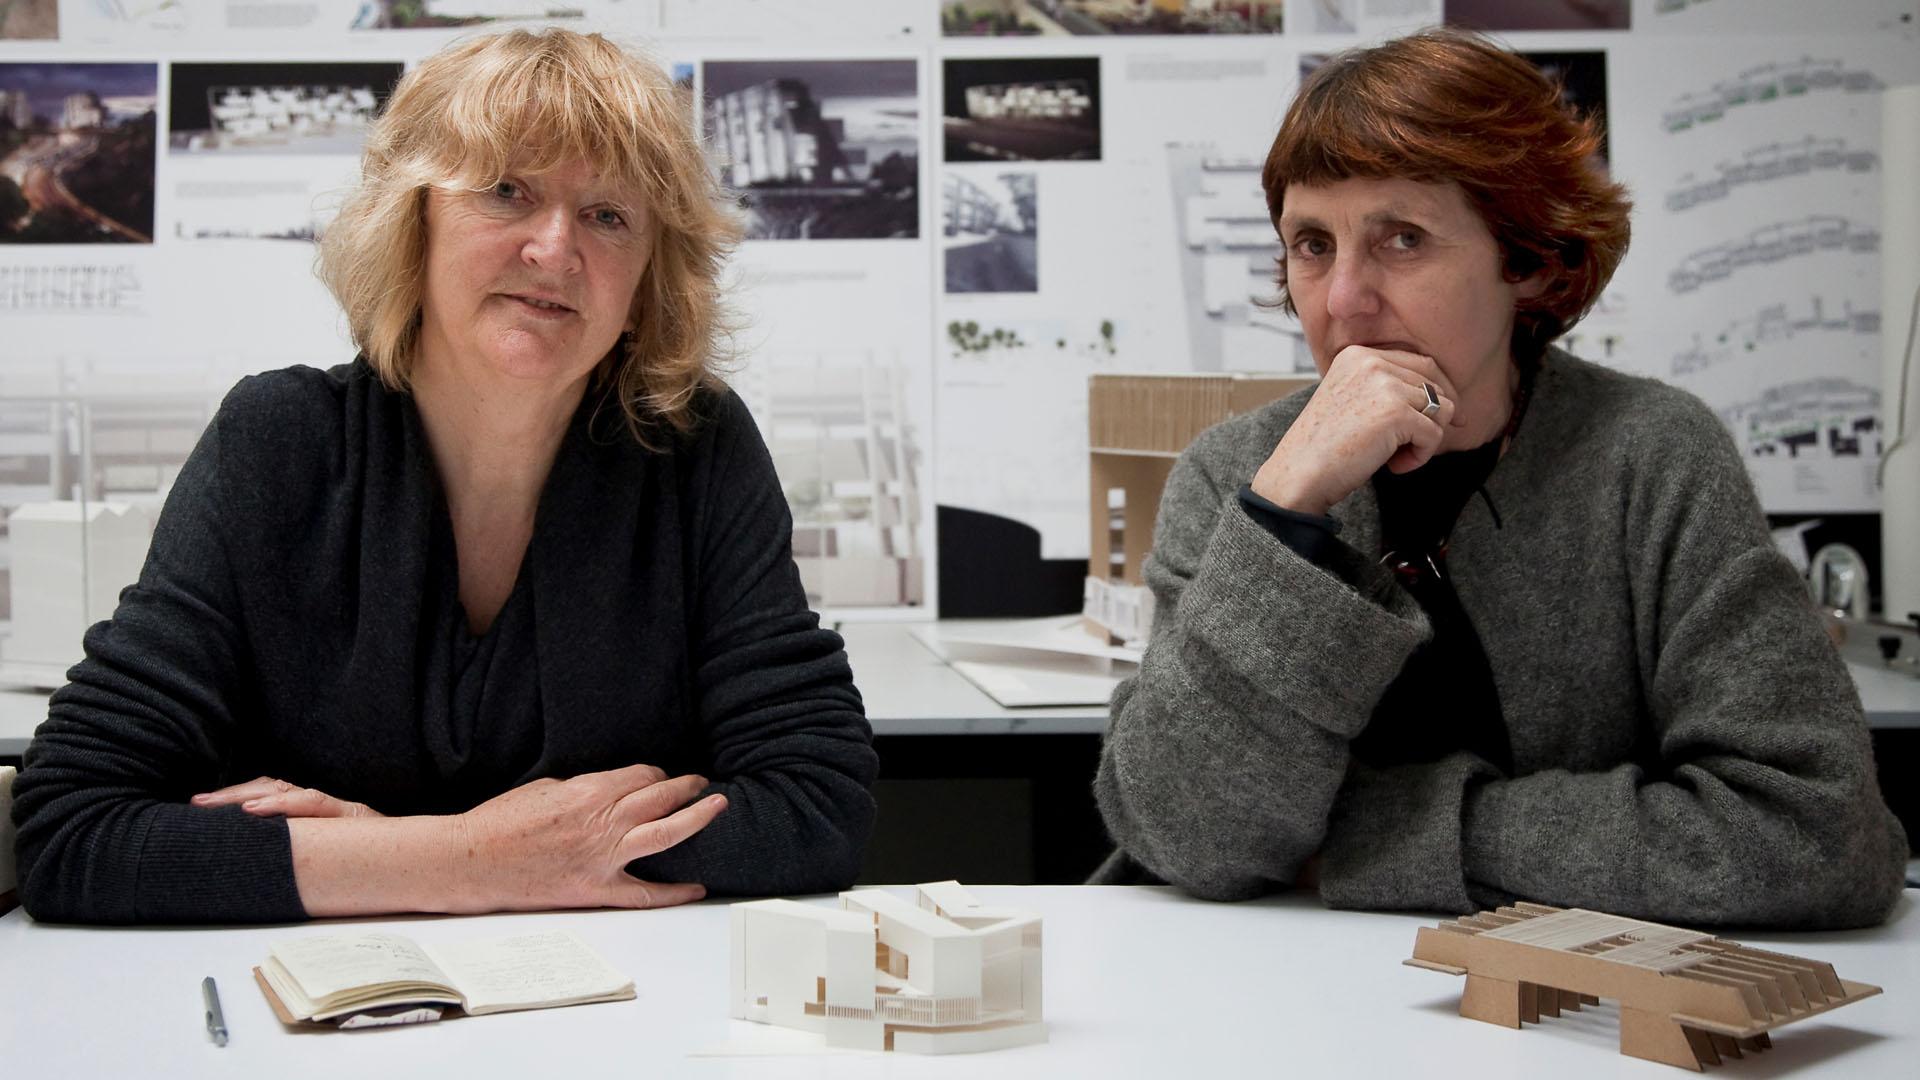 Las irlandesas Yvonne Farrel y Shelley McNamara, ganan el